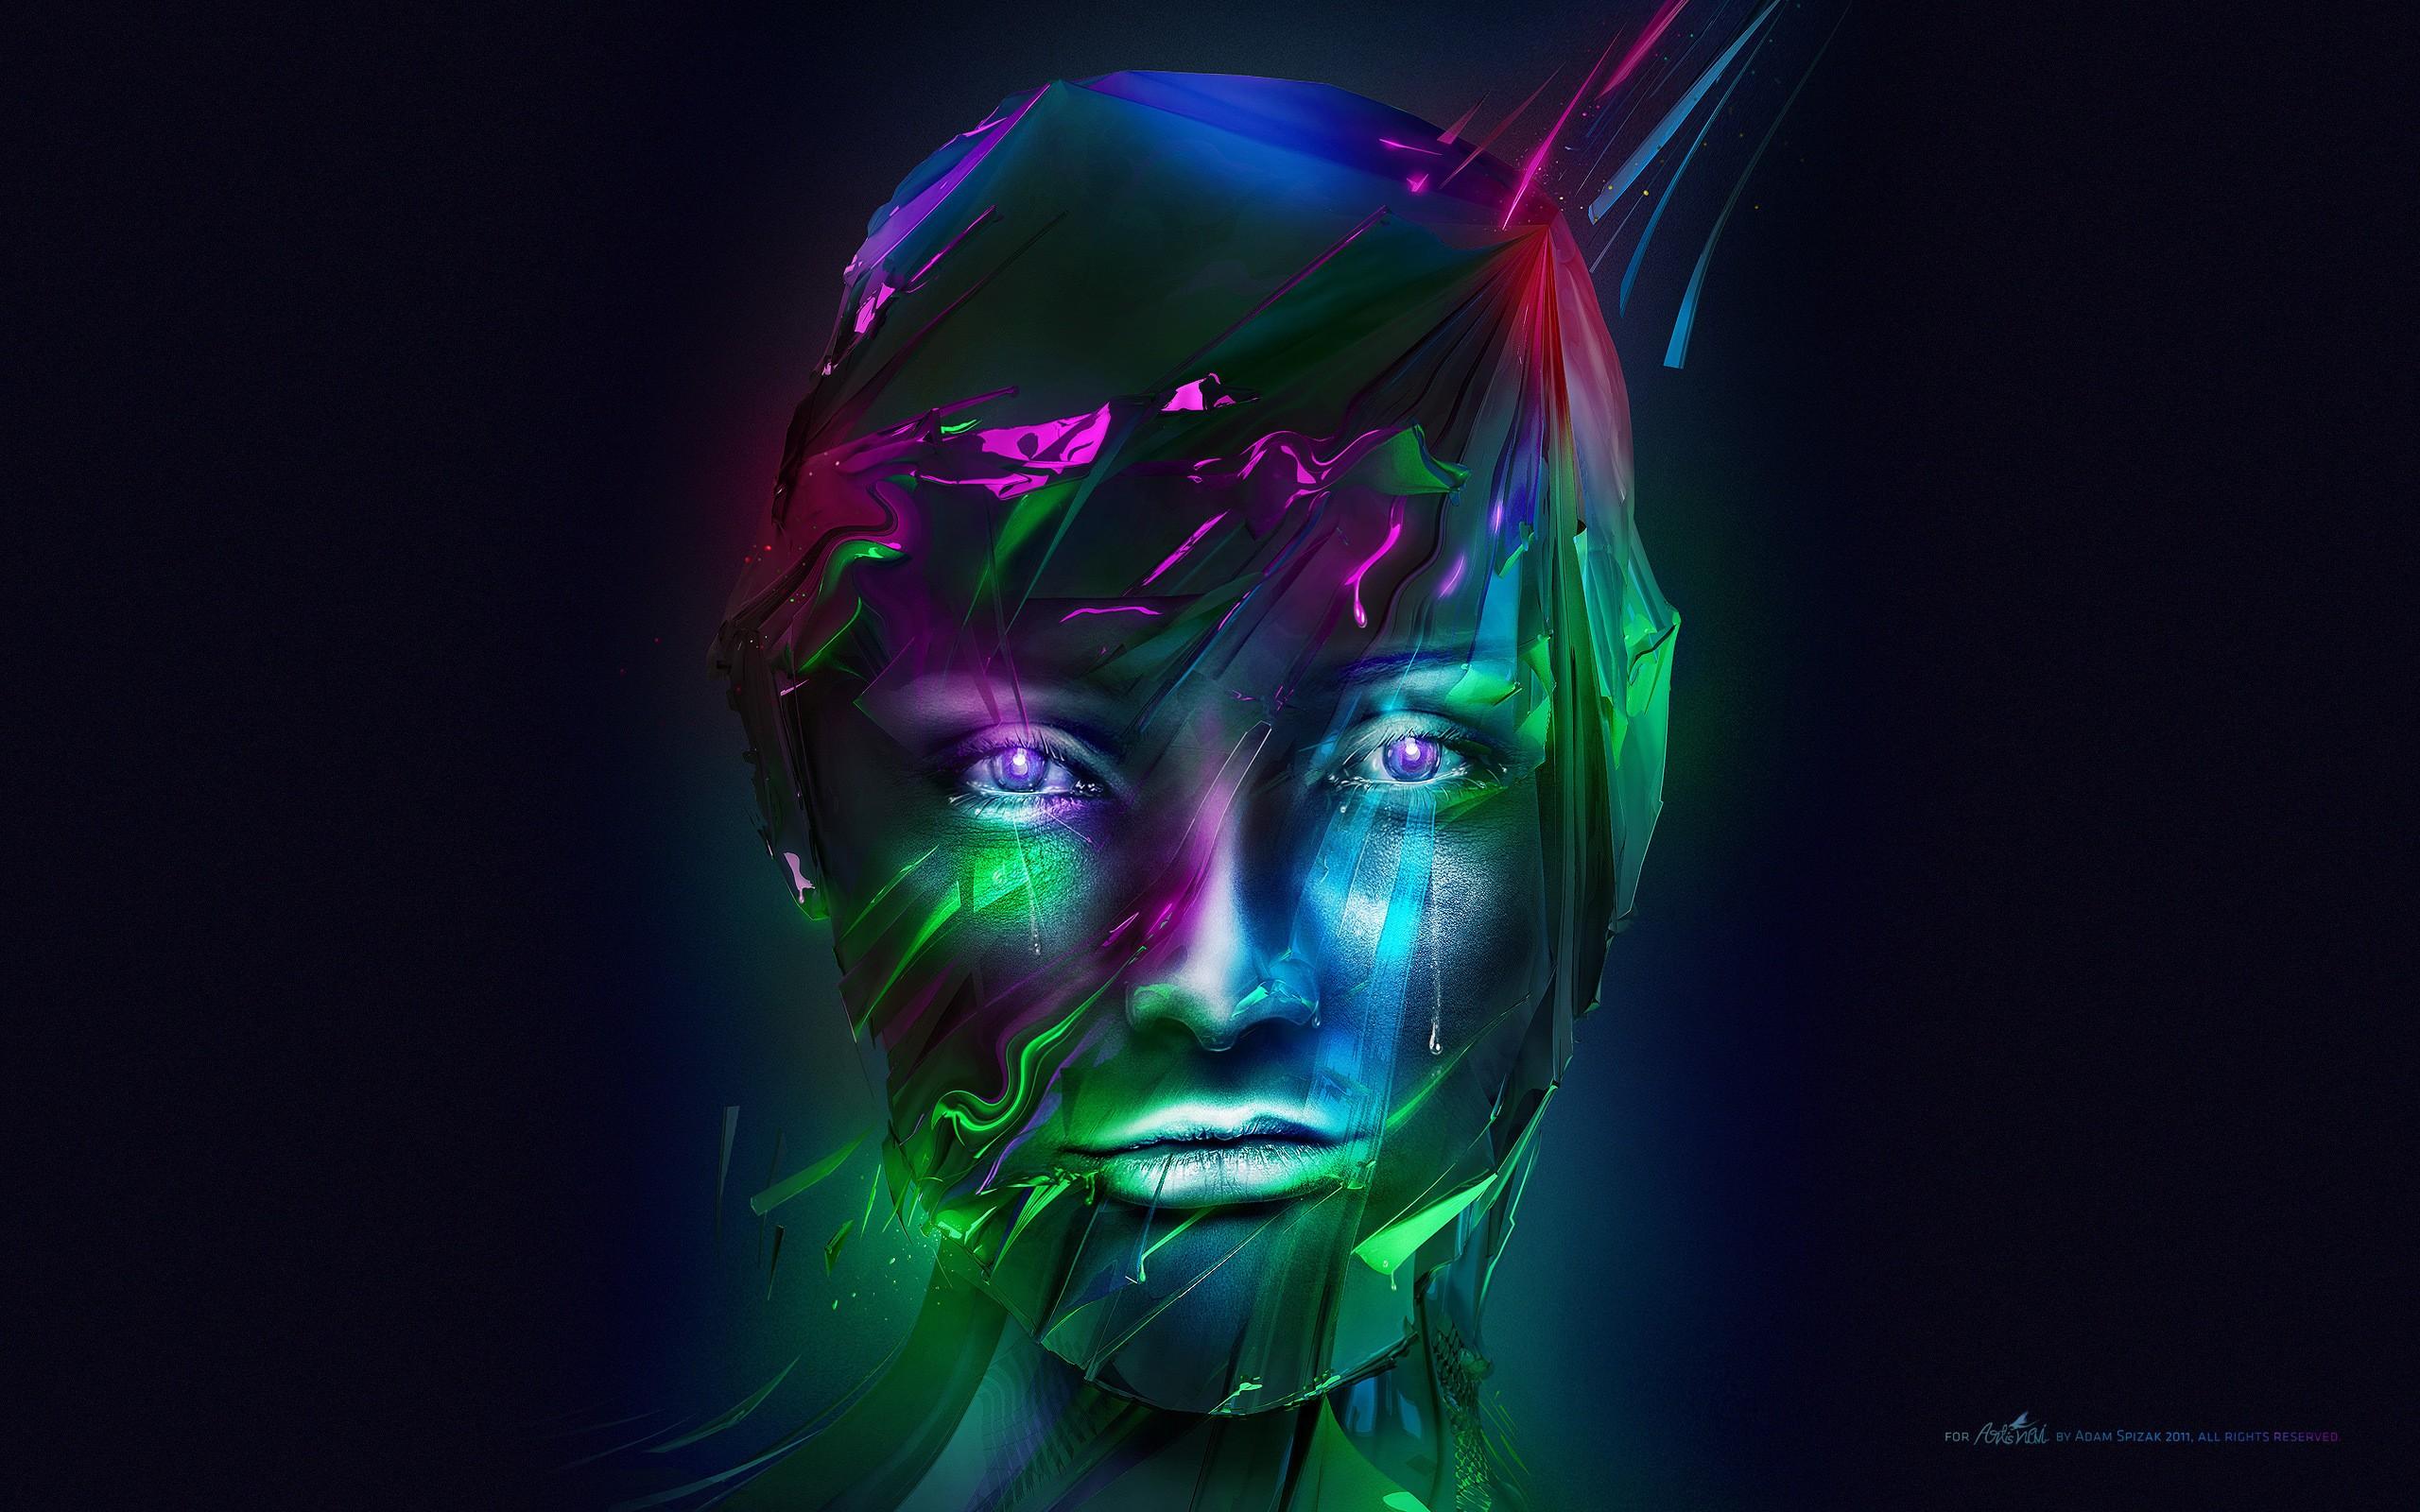 General 2560x1600 face digital art Adam Spizak abstract